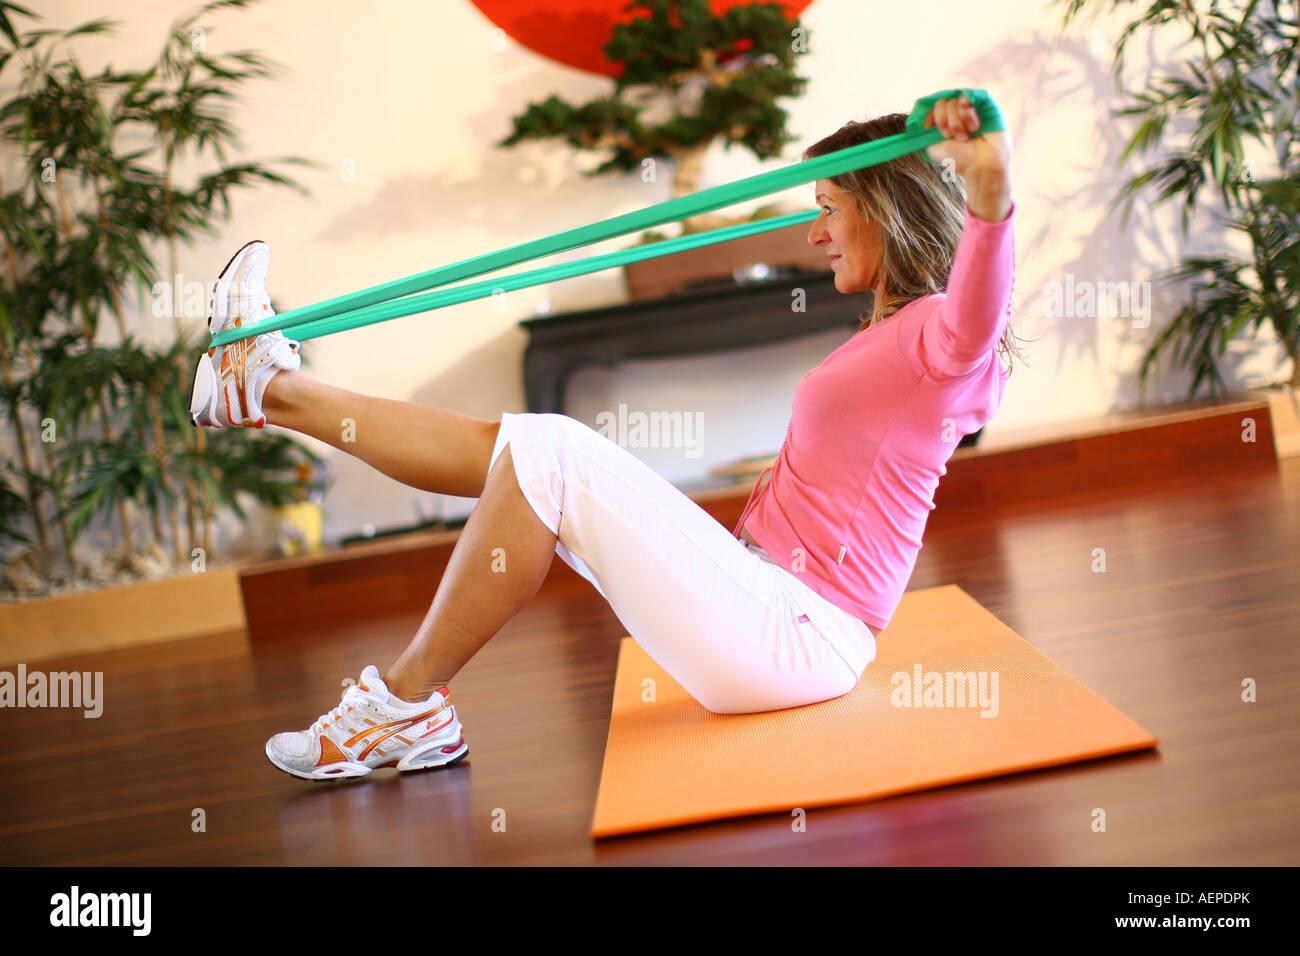 Young woman is training with a deuserband, Junge Frau macht Gymnastik mit einem Deuserband in einem Fitnessstudio - Stock Image